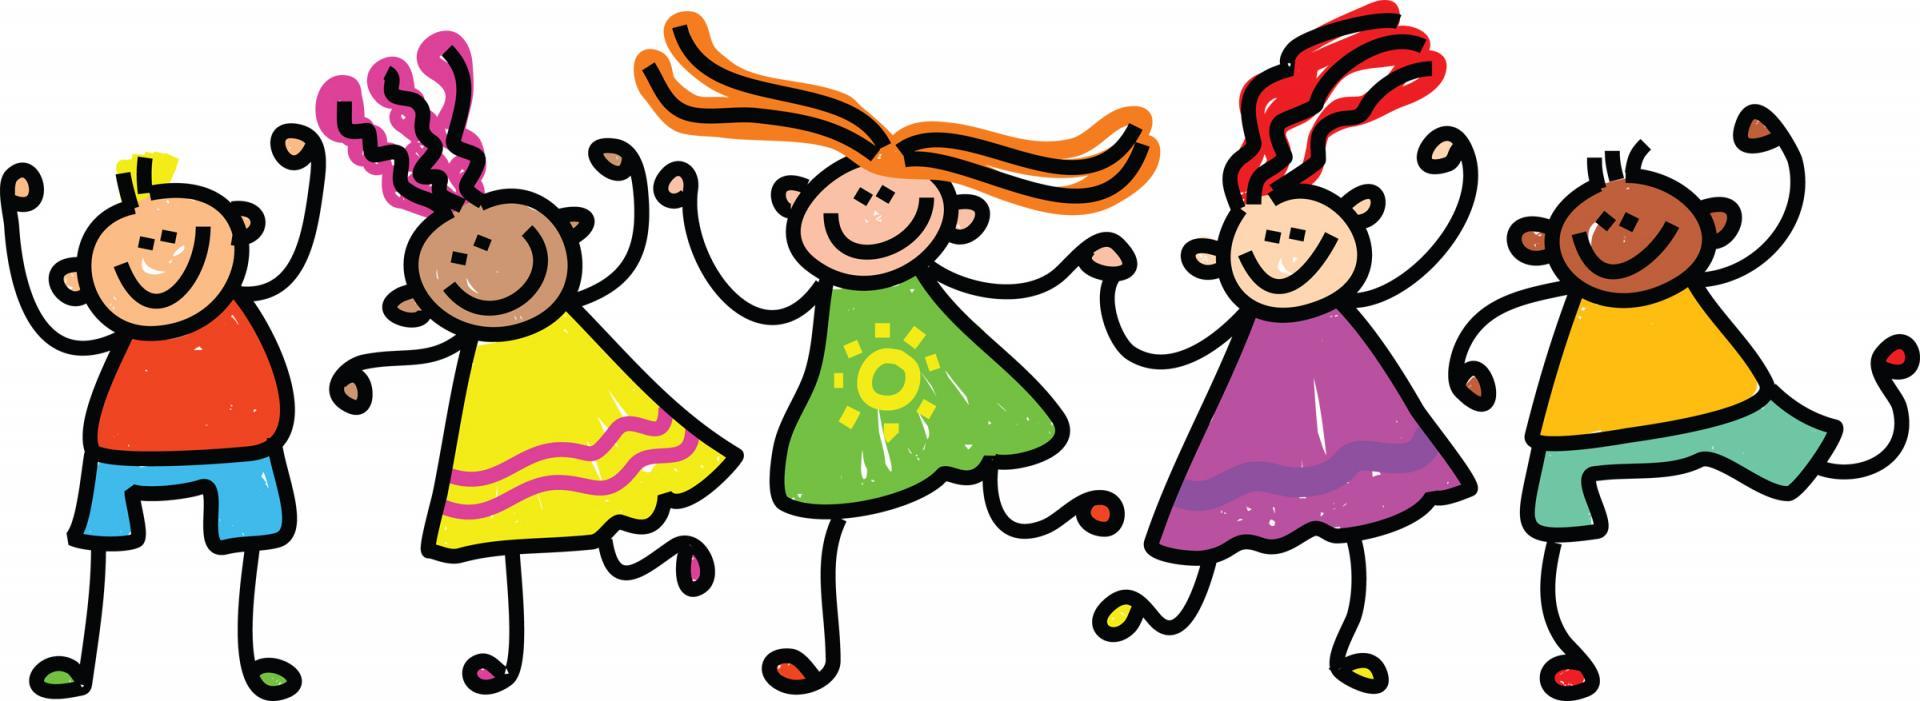 Celebration clip art free clipart images 2